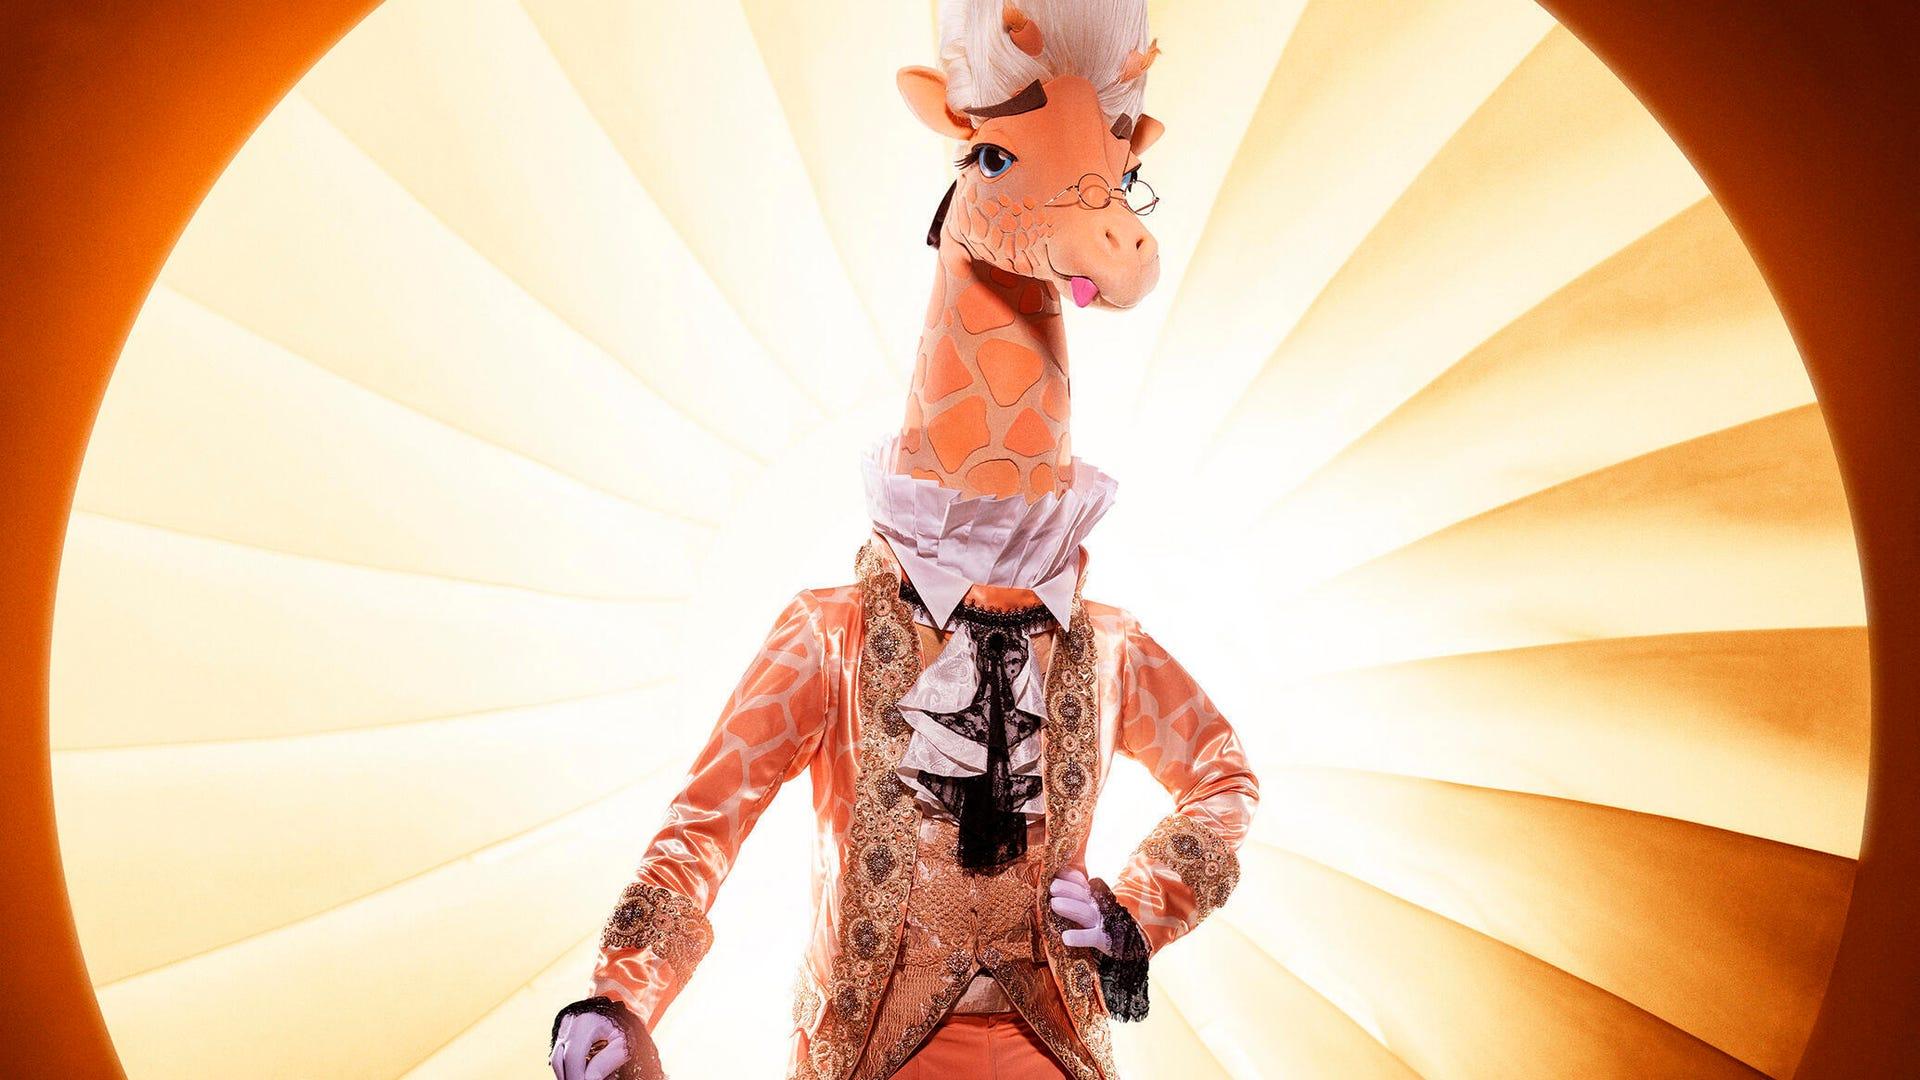 Giraffe, The Masked Singer